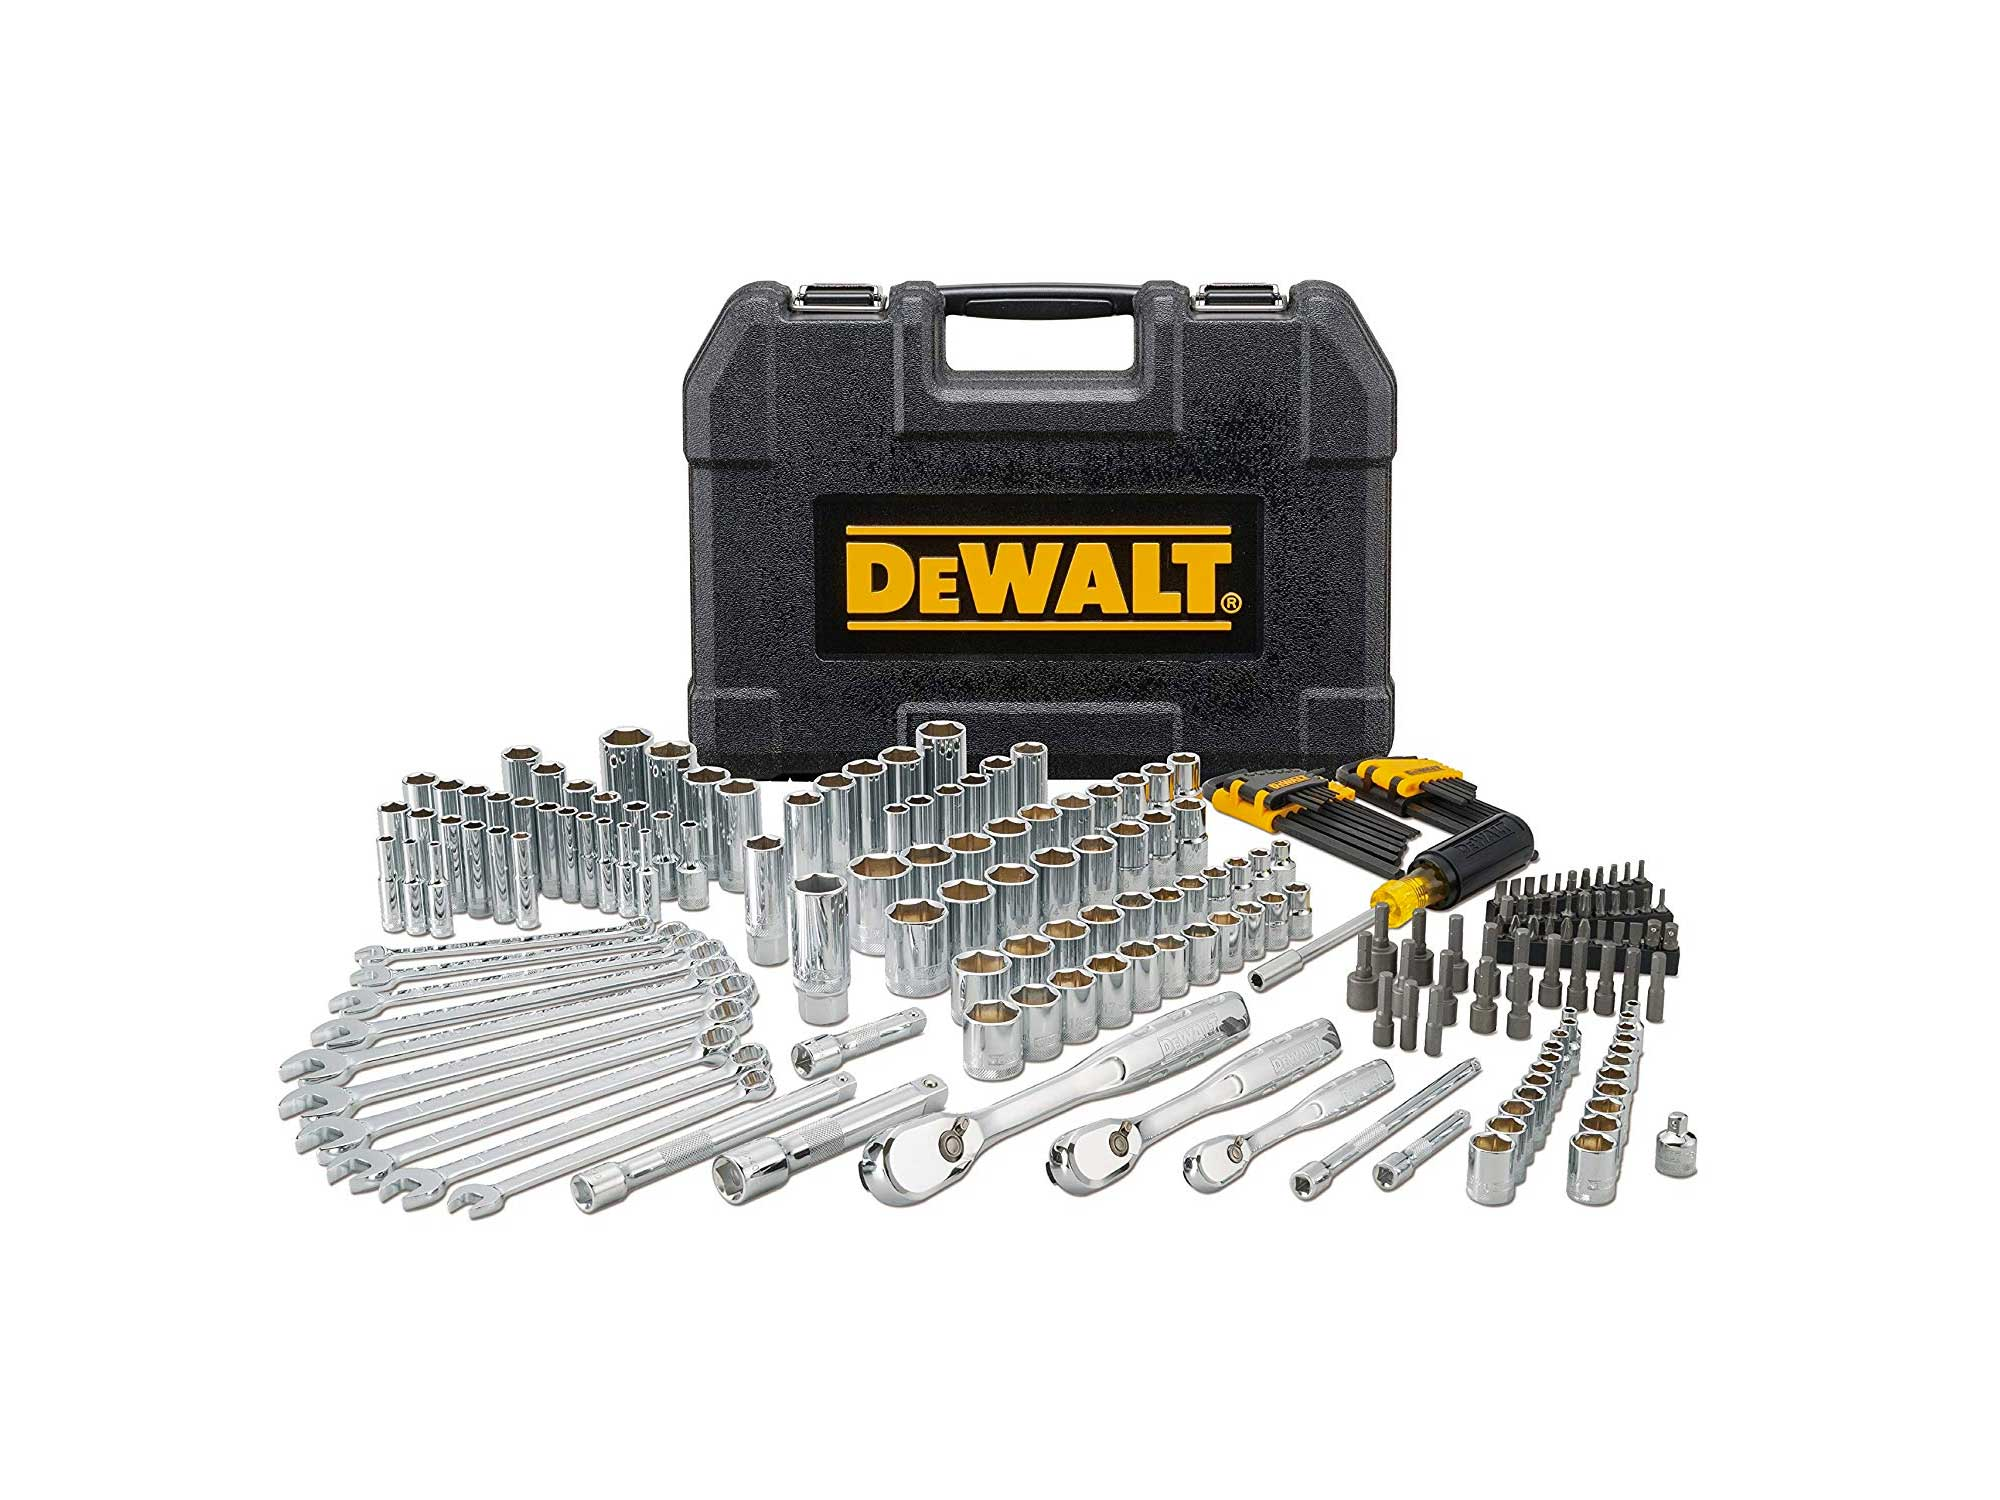 Dewalt toolset